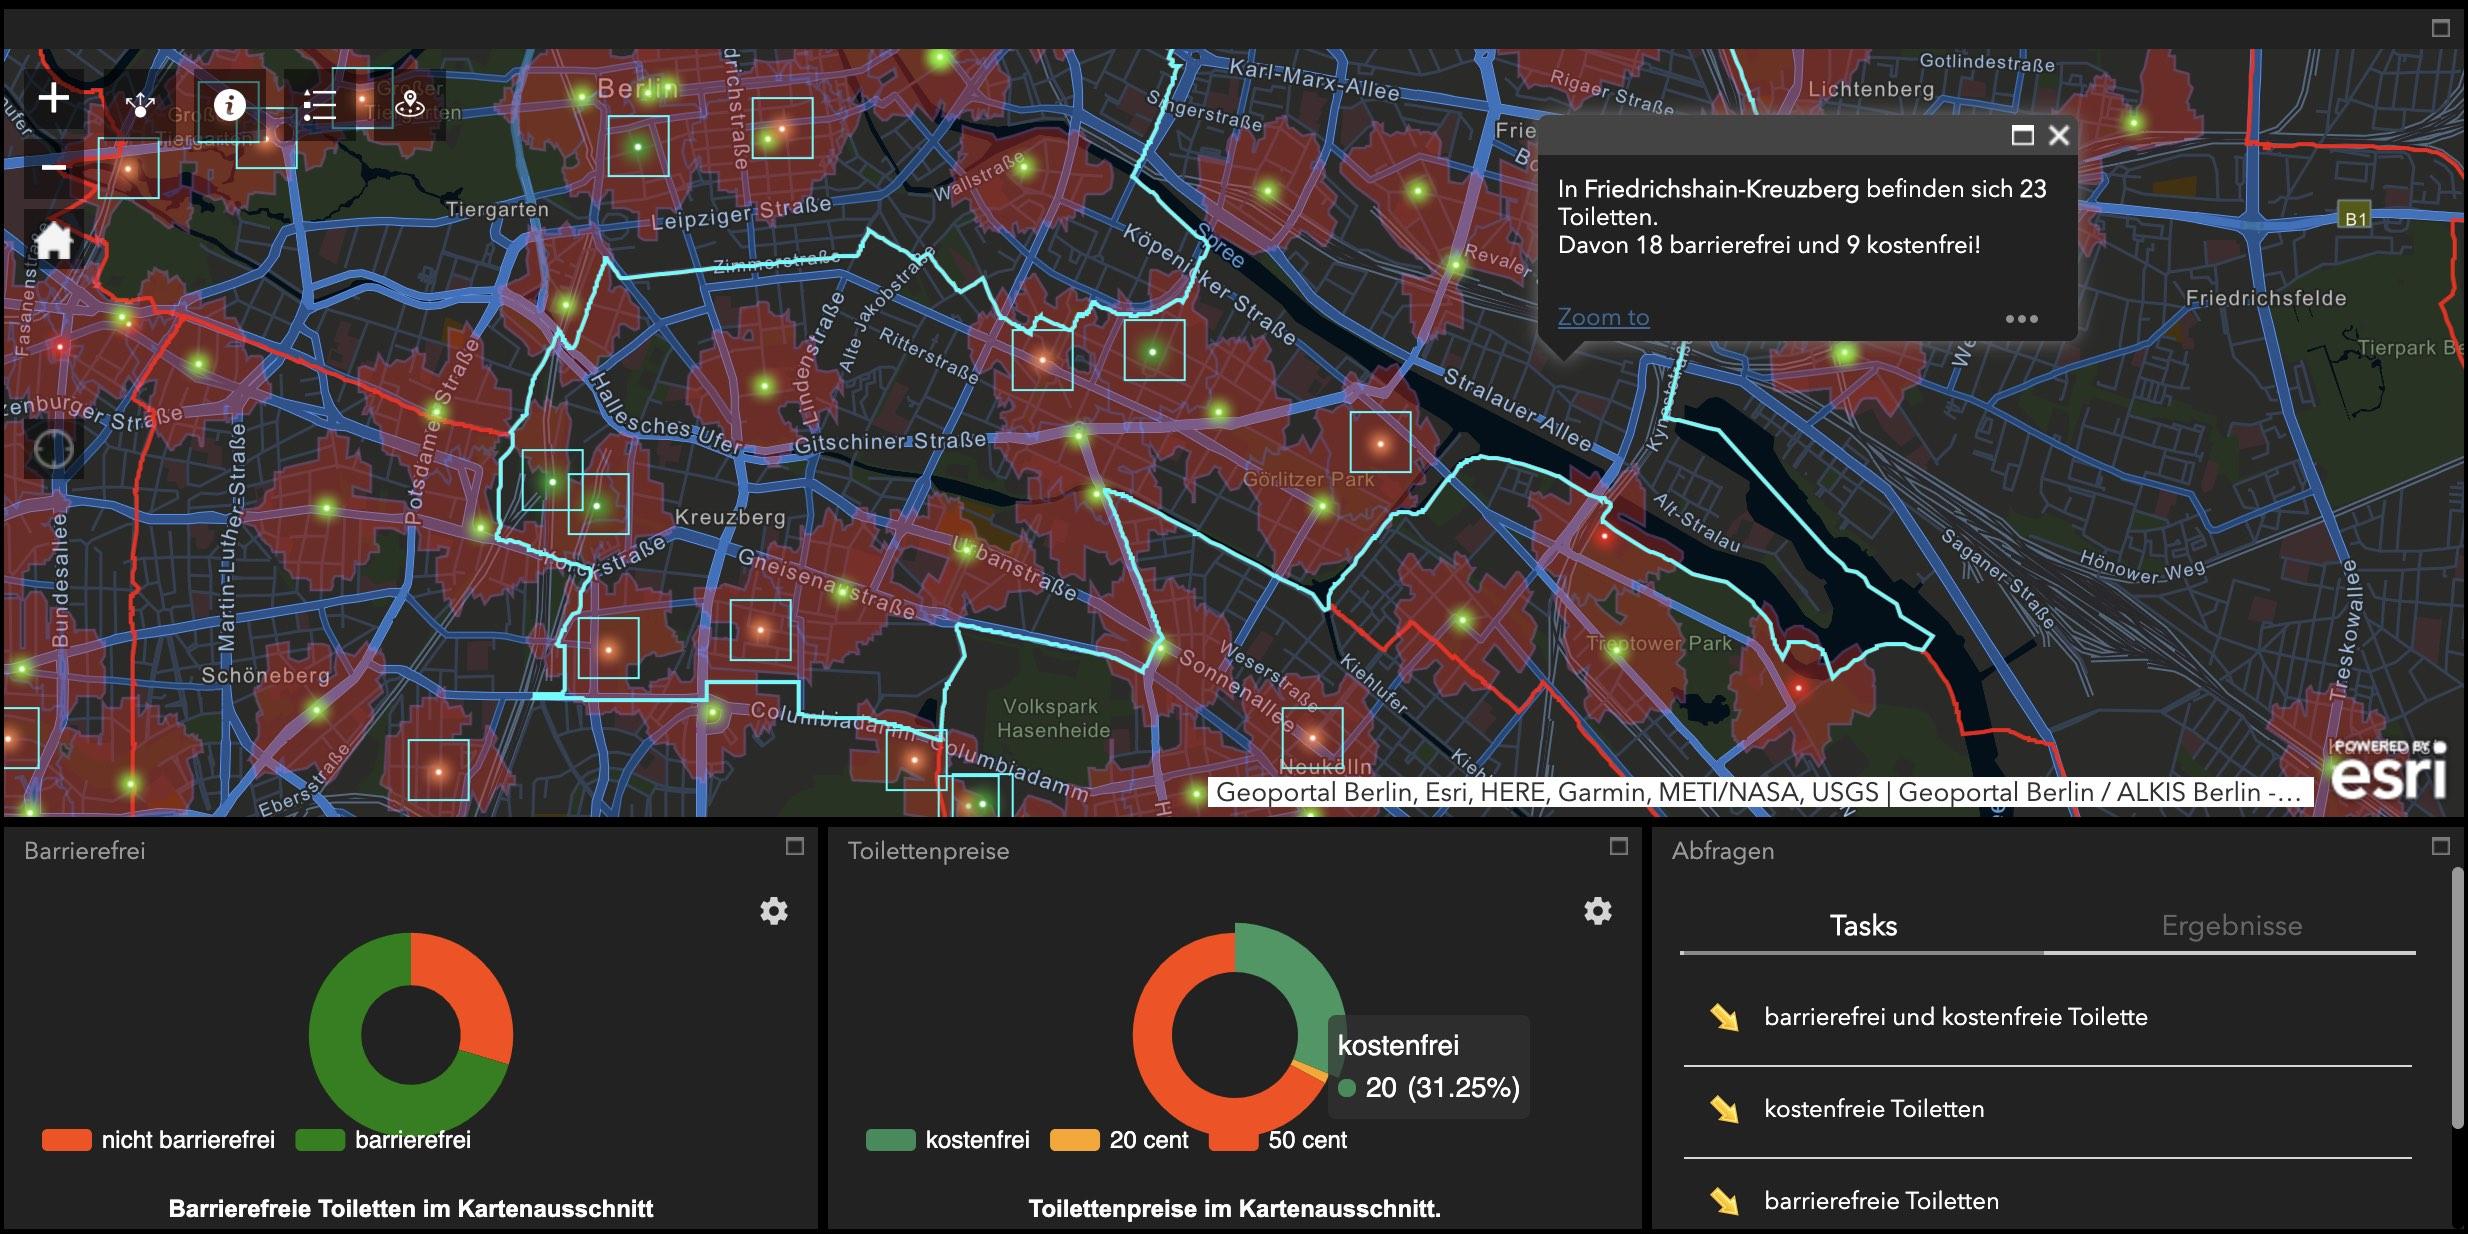 Screenshot der Kartenanwendung zu den Standorten öffentlicher Toiletten in Berlin